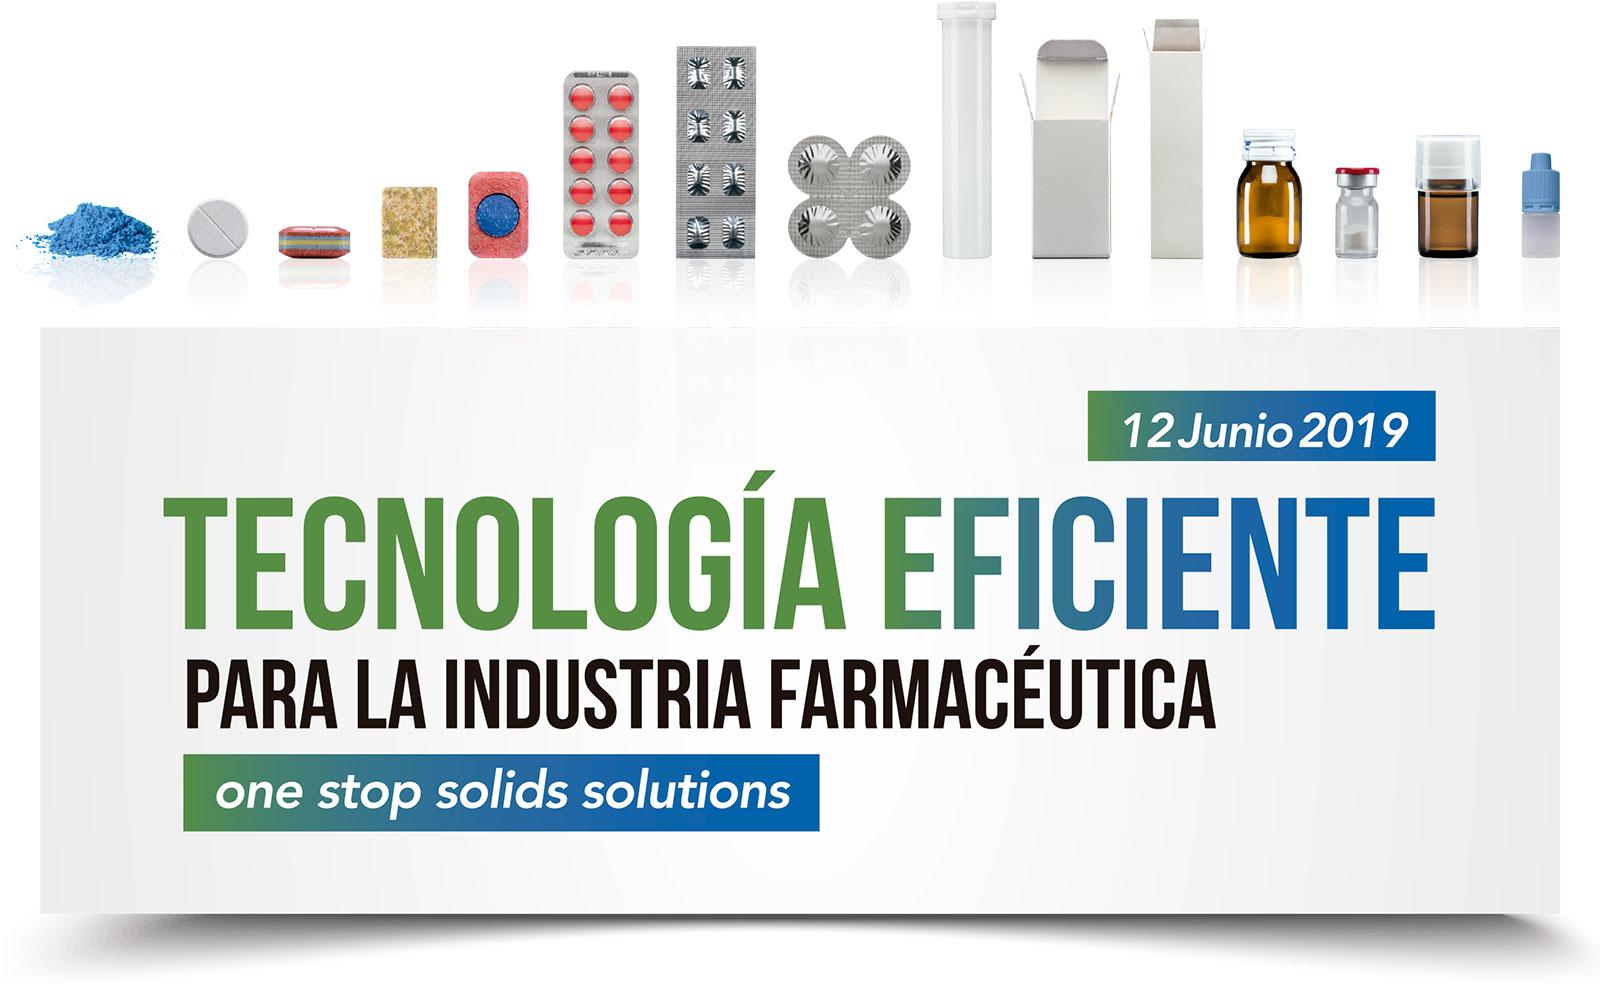 Tecnología Eficiente para la Industria Farmacéutica